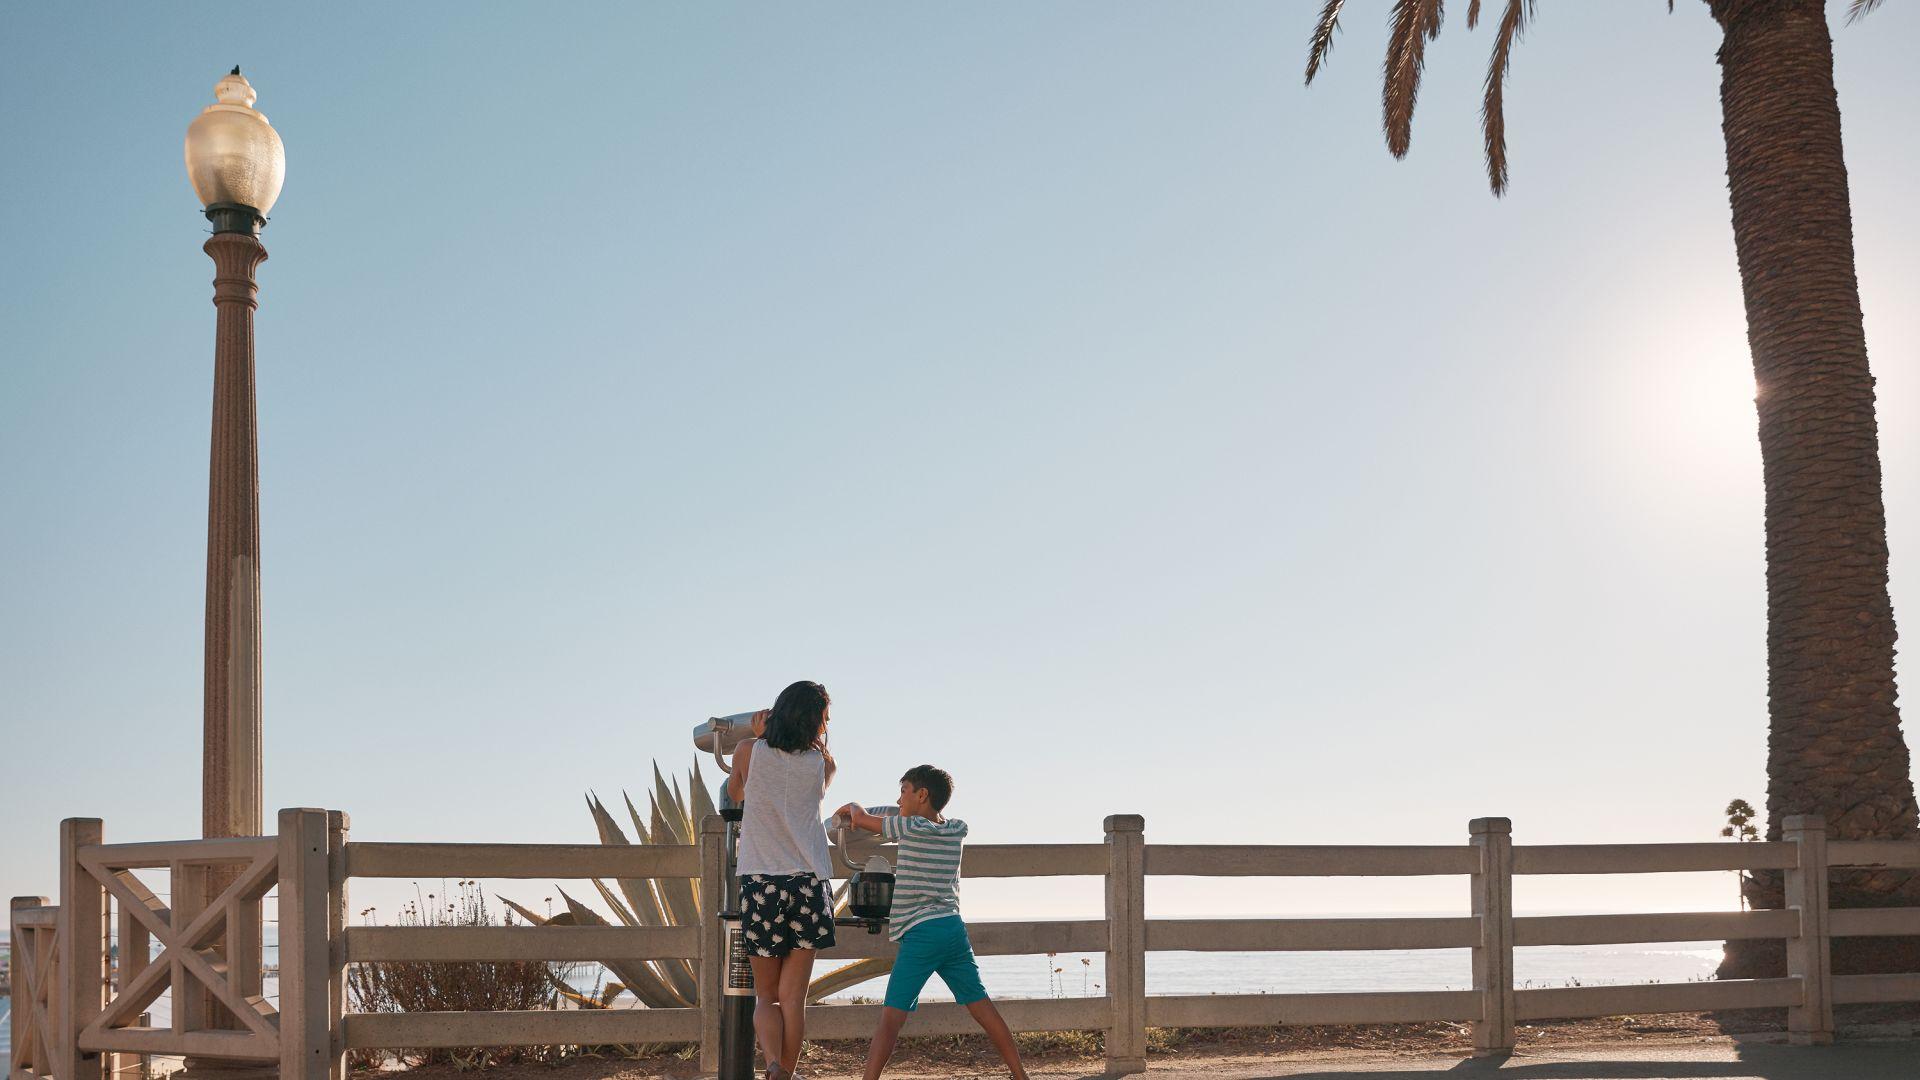 <strong> Disfrute de una escapada de primavera | Vacaciones distendidas en familia </strong>|Un maravilloso|lugar para pasear|Ofertas de primavera